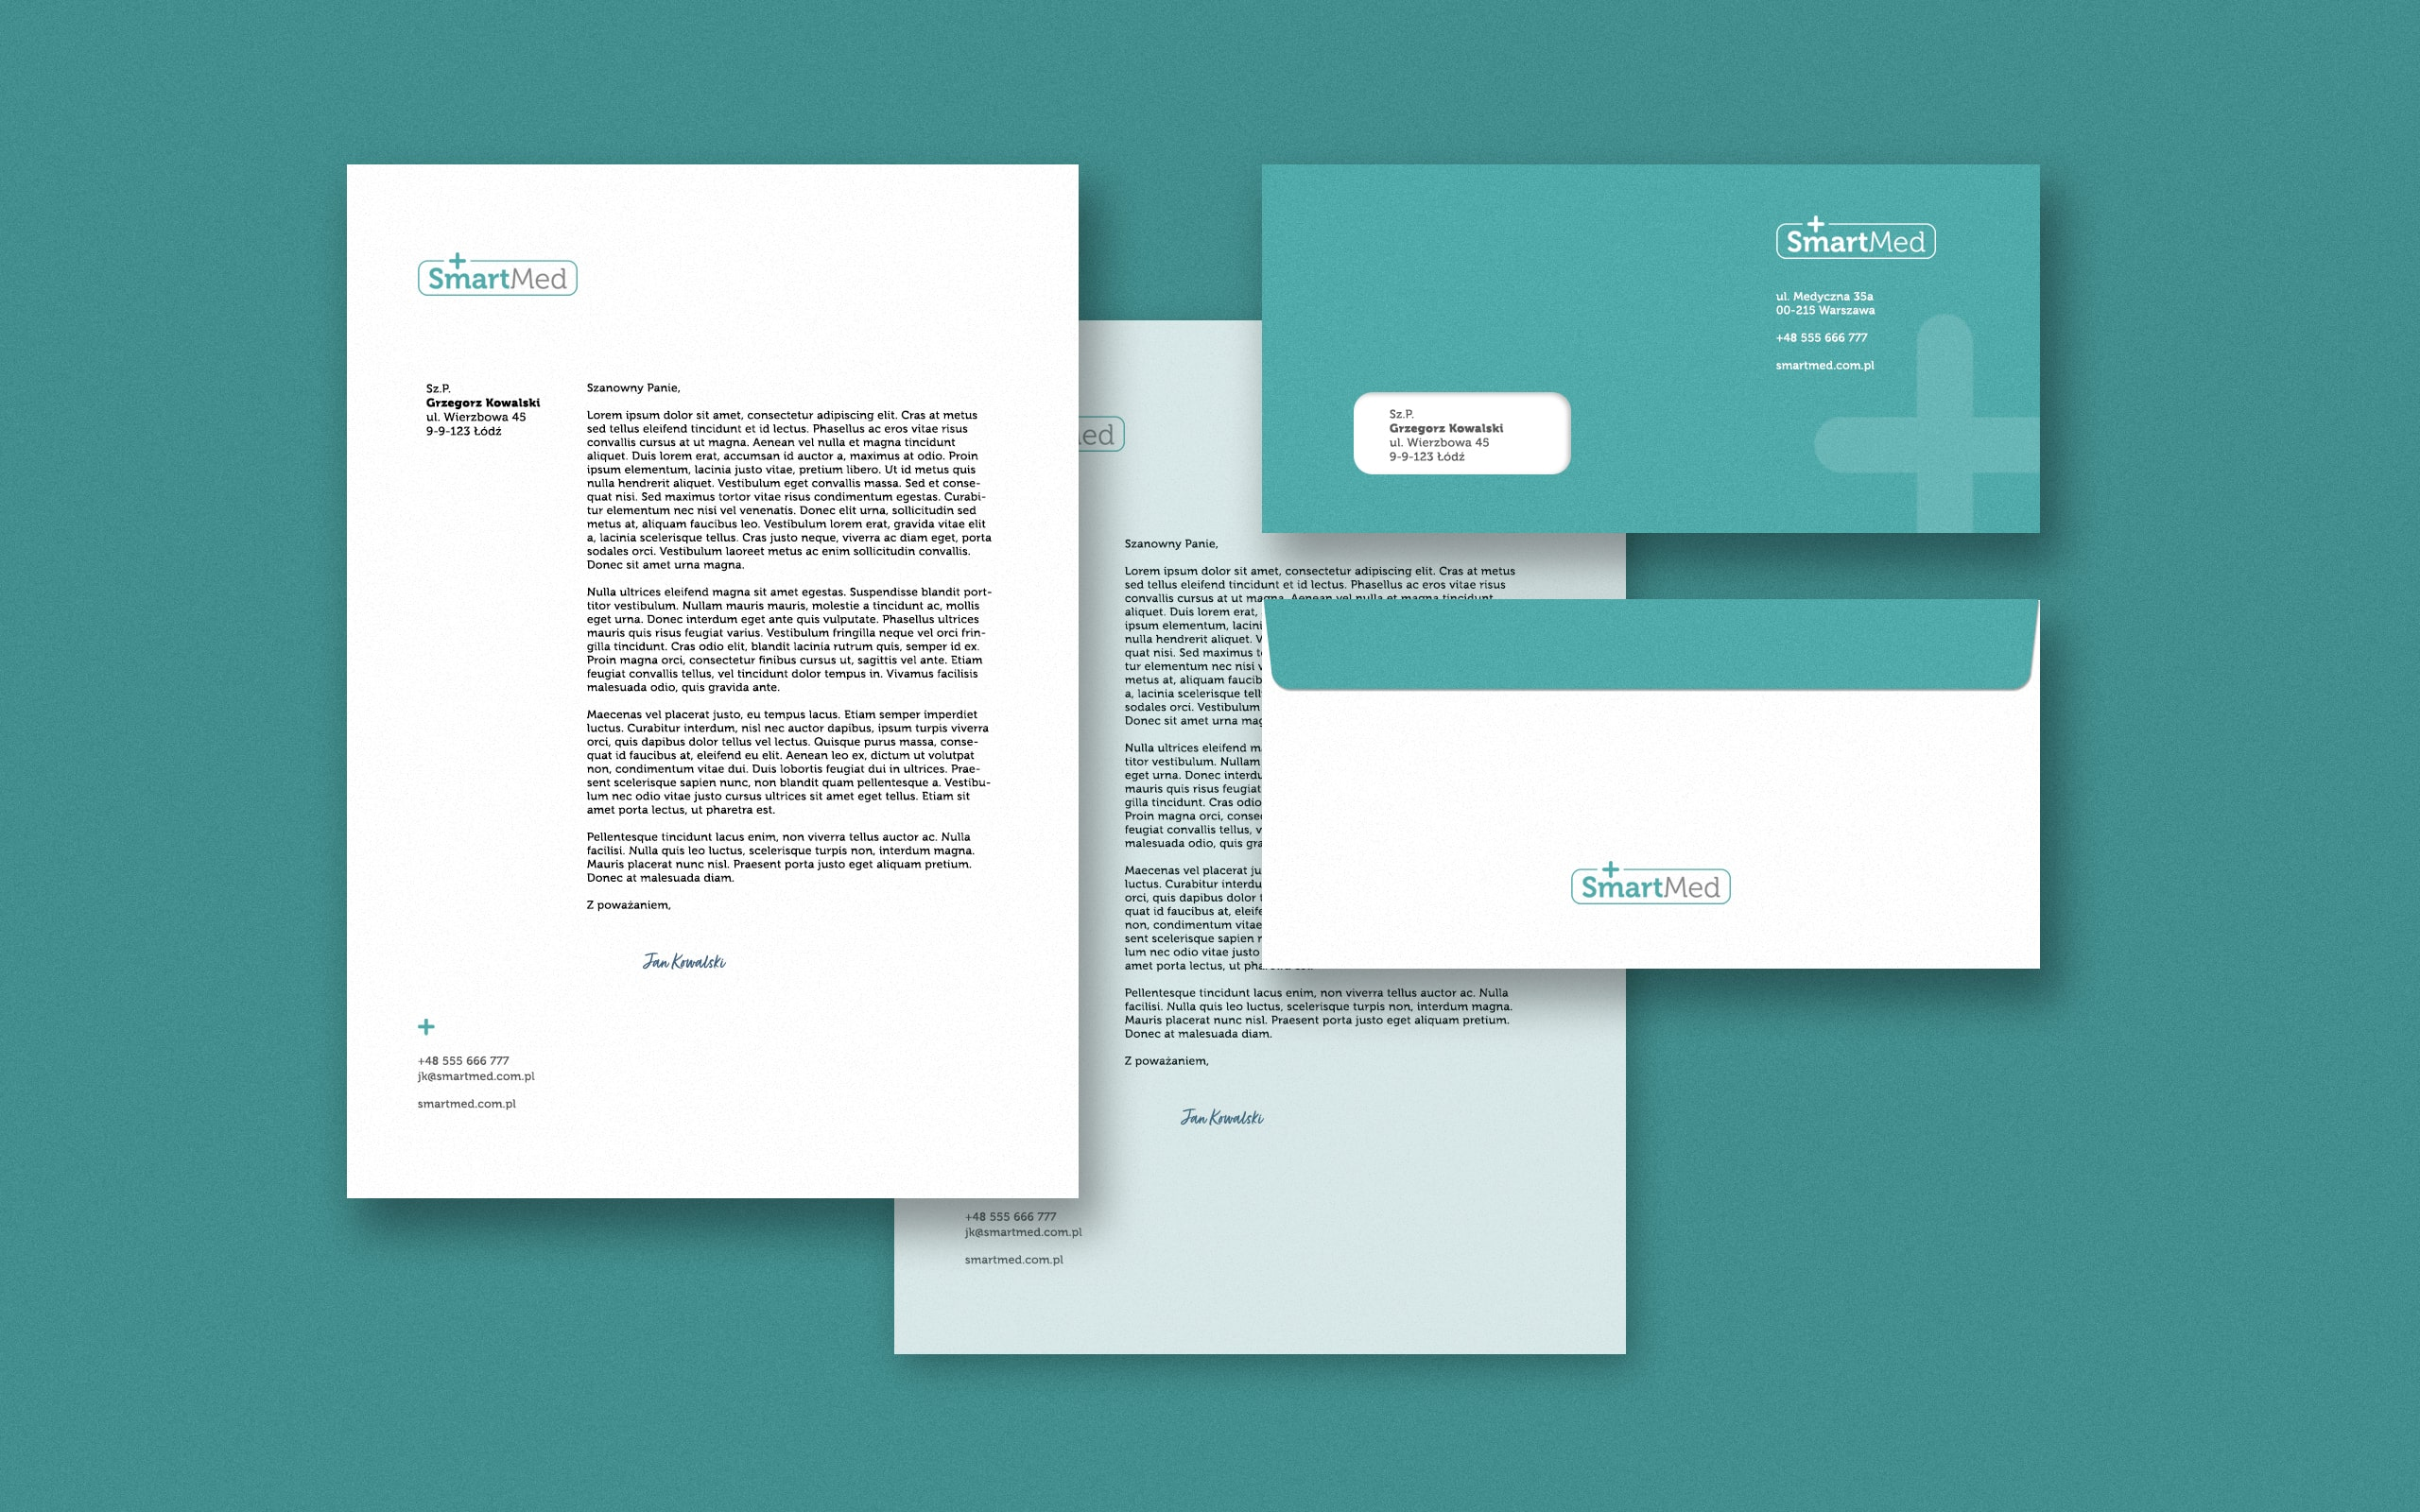 projektowanie-opakowań-maseczki-opakowanie-projekt-opakowania-etykiety-studio-graficzne-warszawa-lodz-pictoo-maski-medyczne-identyfikacja-wizualna